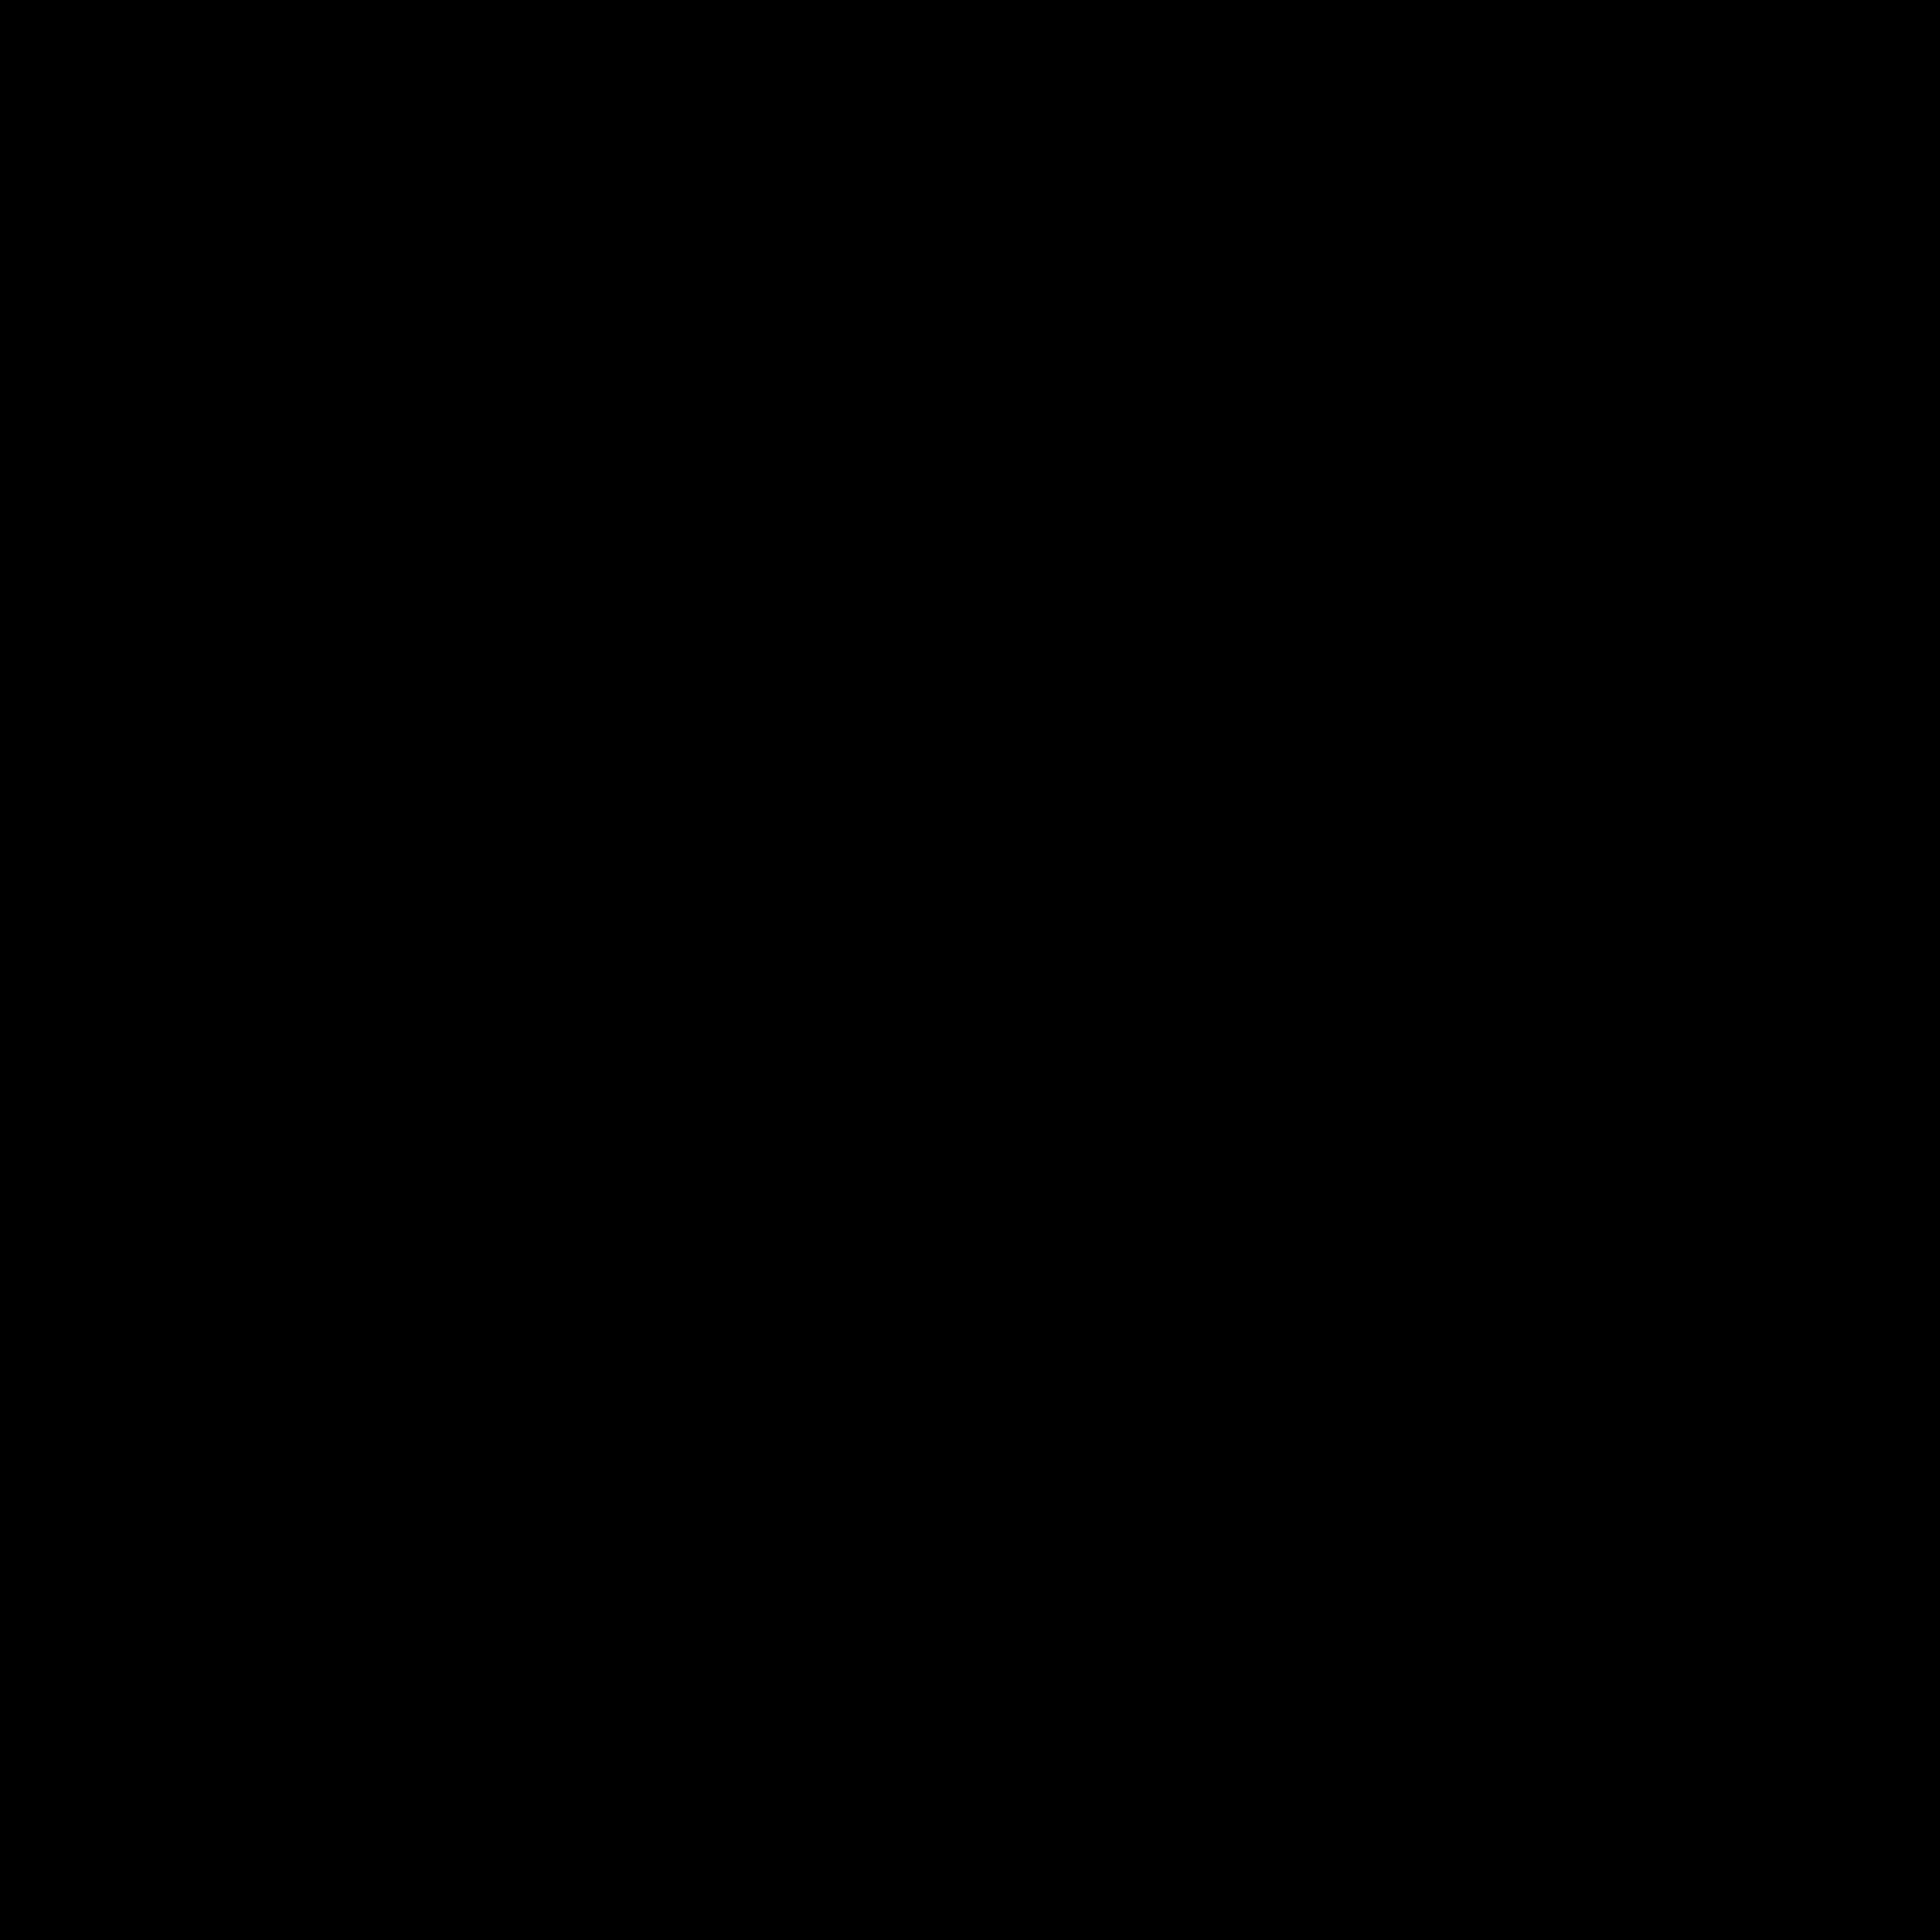 ABPT 2021 Square black Logo